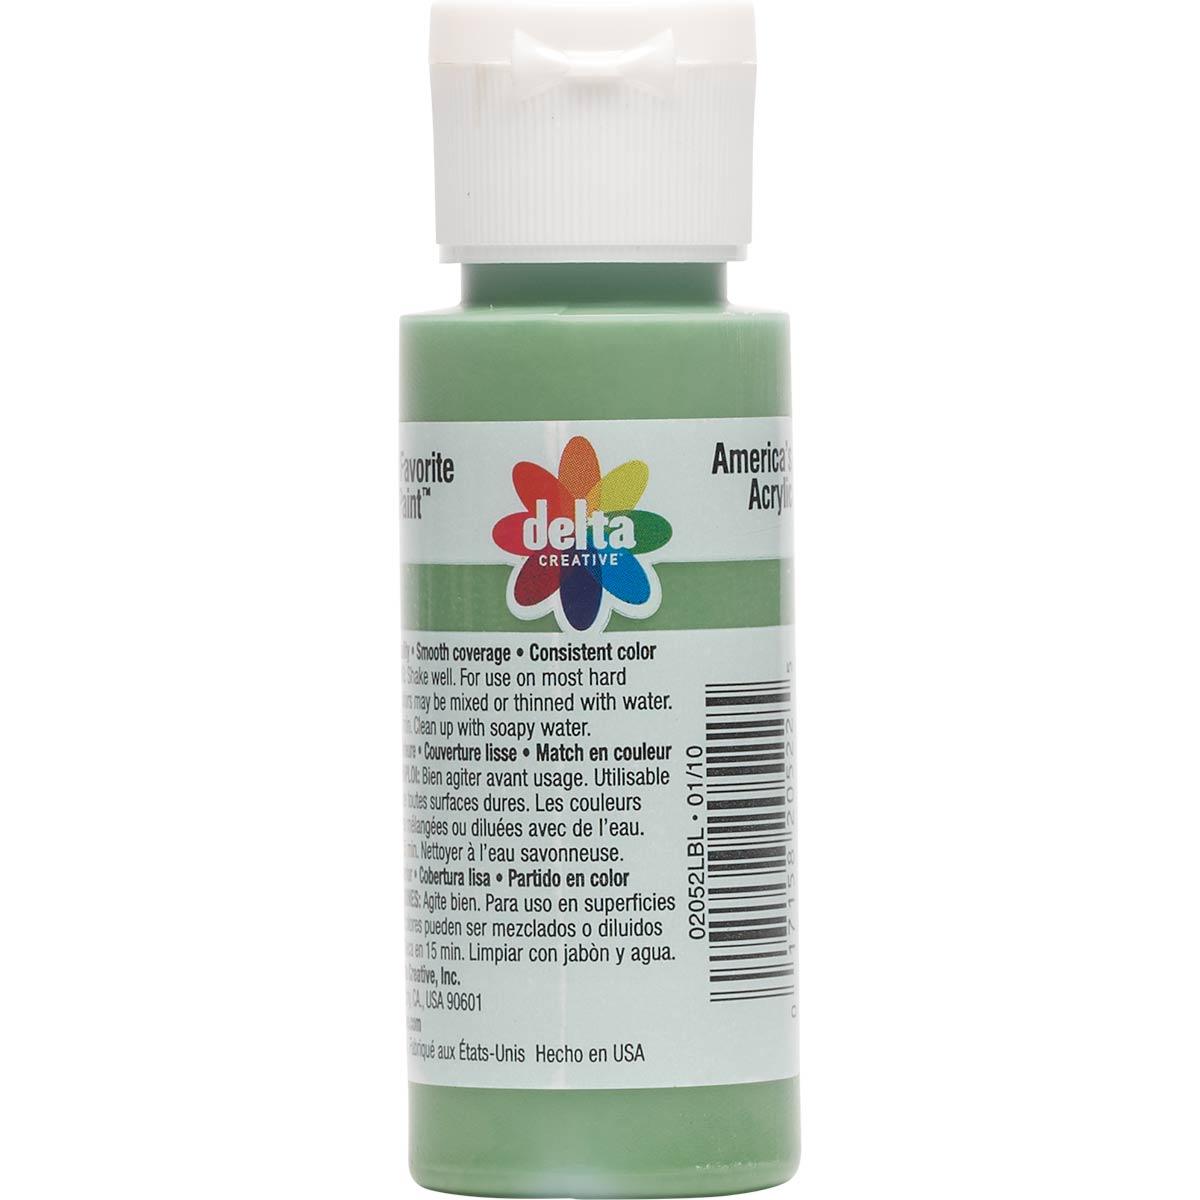 Delta Ceramcoat ® Acrylic Paint - Kelly Green, 2 oz.